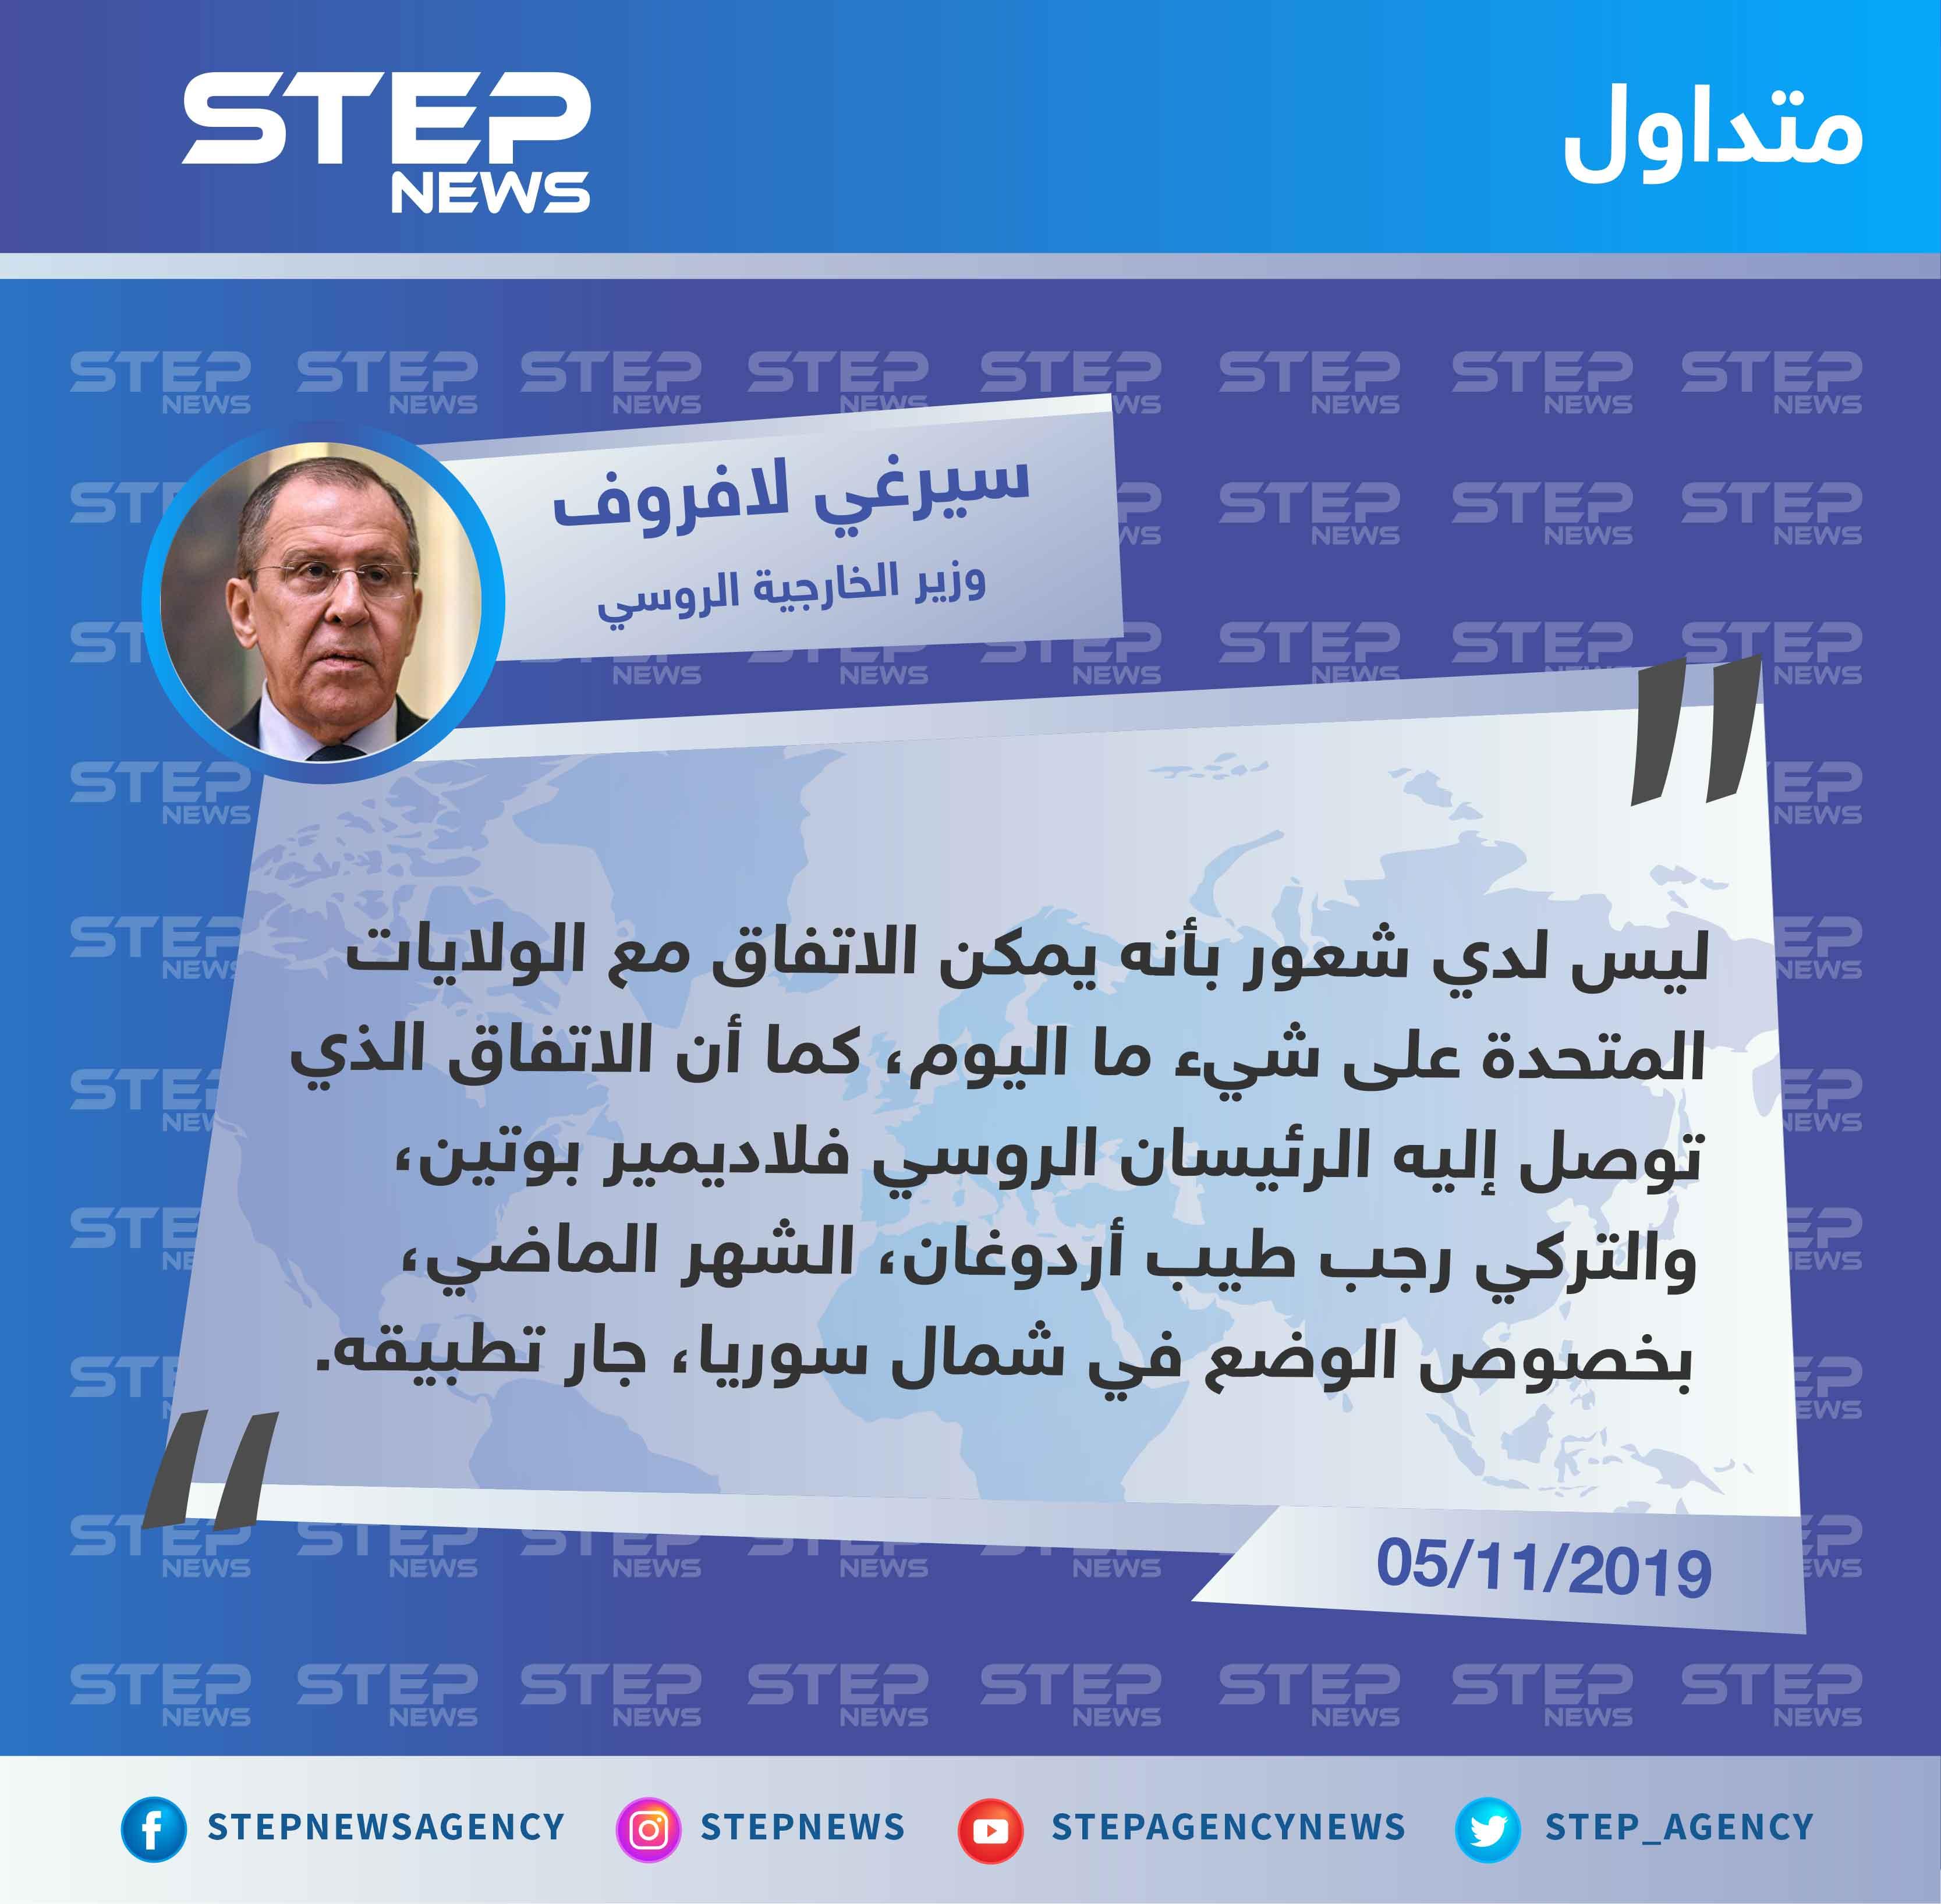 لافروف يشك في إمكانية الوصول إلى اتفاق مع أمريكا بشأن شمال شرق سوريا